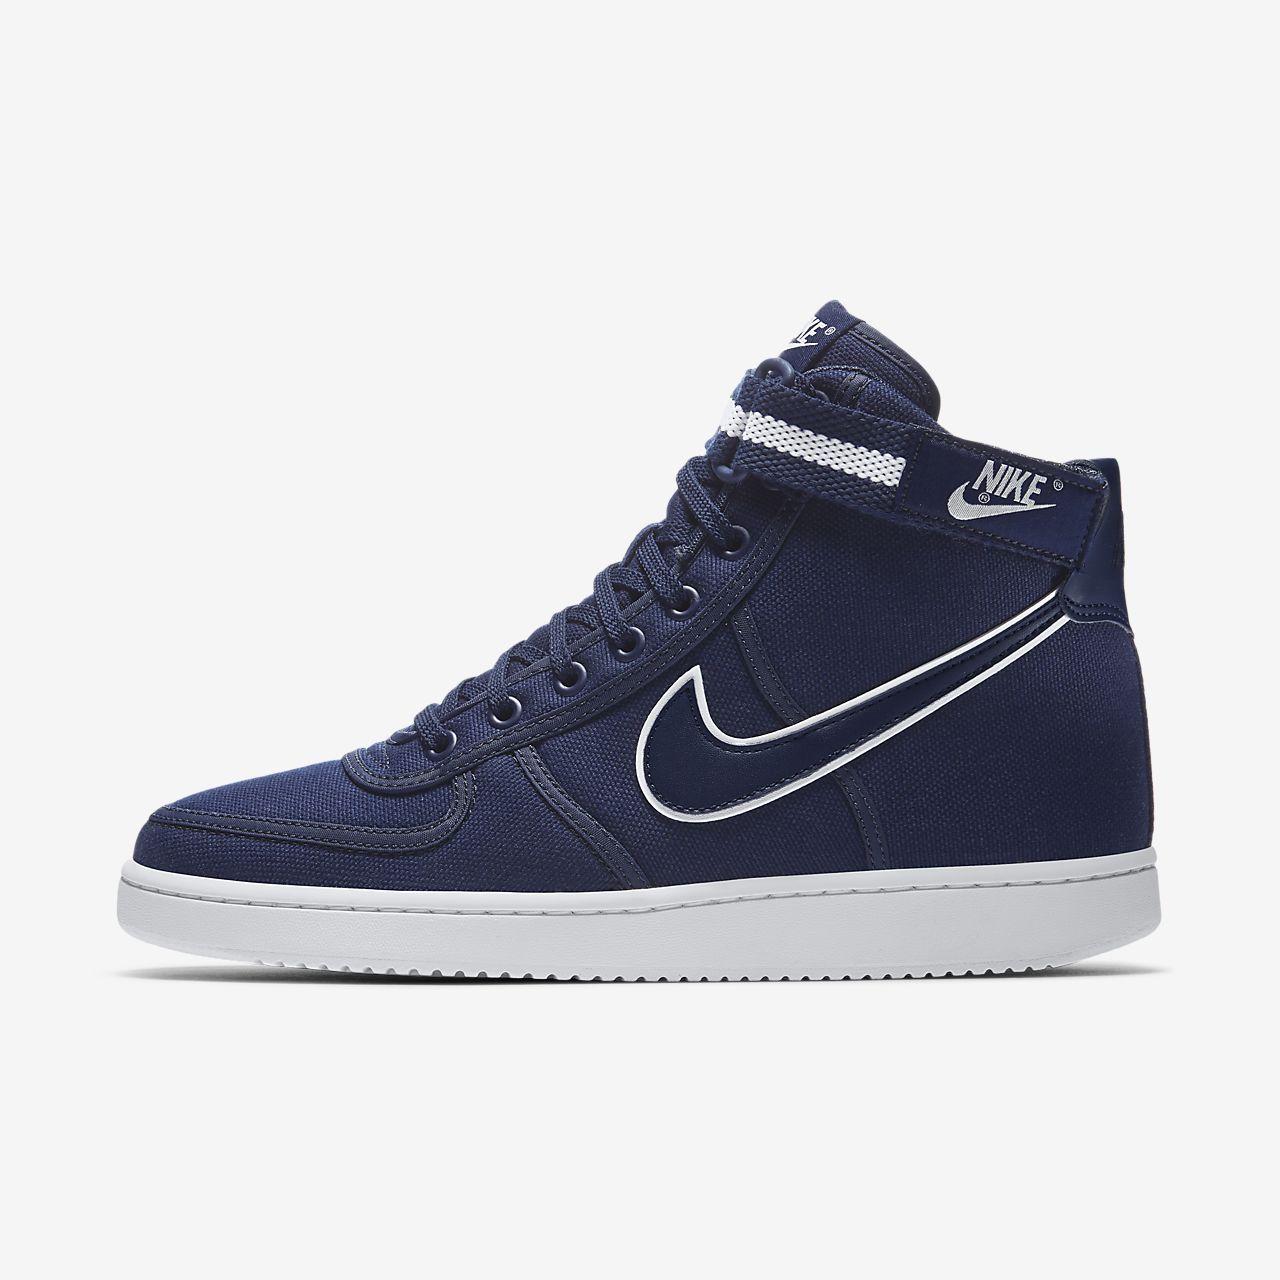 Nike Vandal High Supreme Men's Lifestyle Shoes Black/White/Grey zK1327O